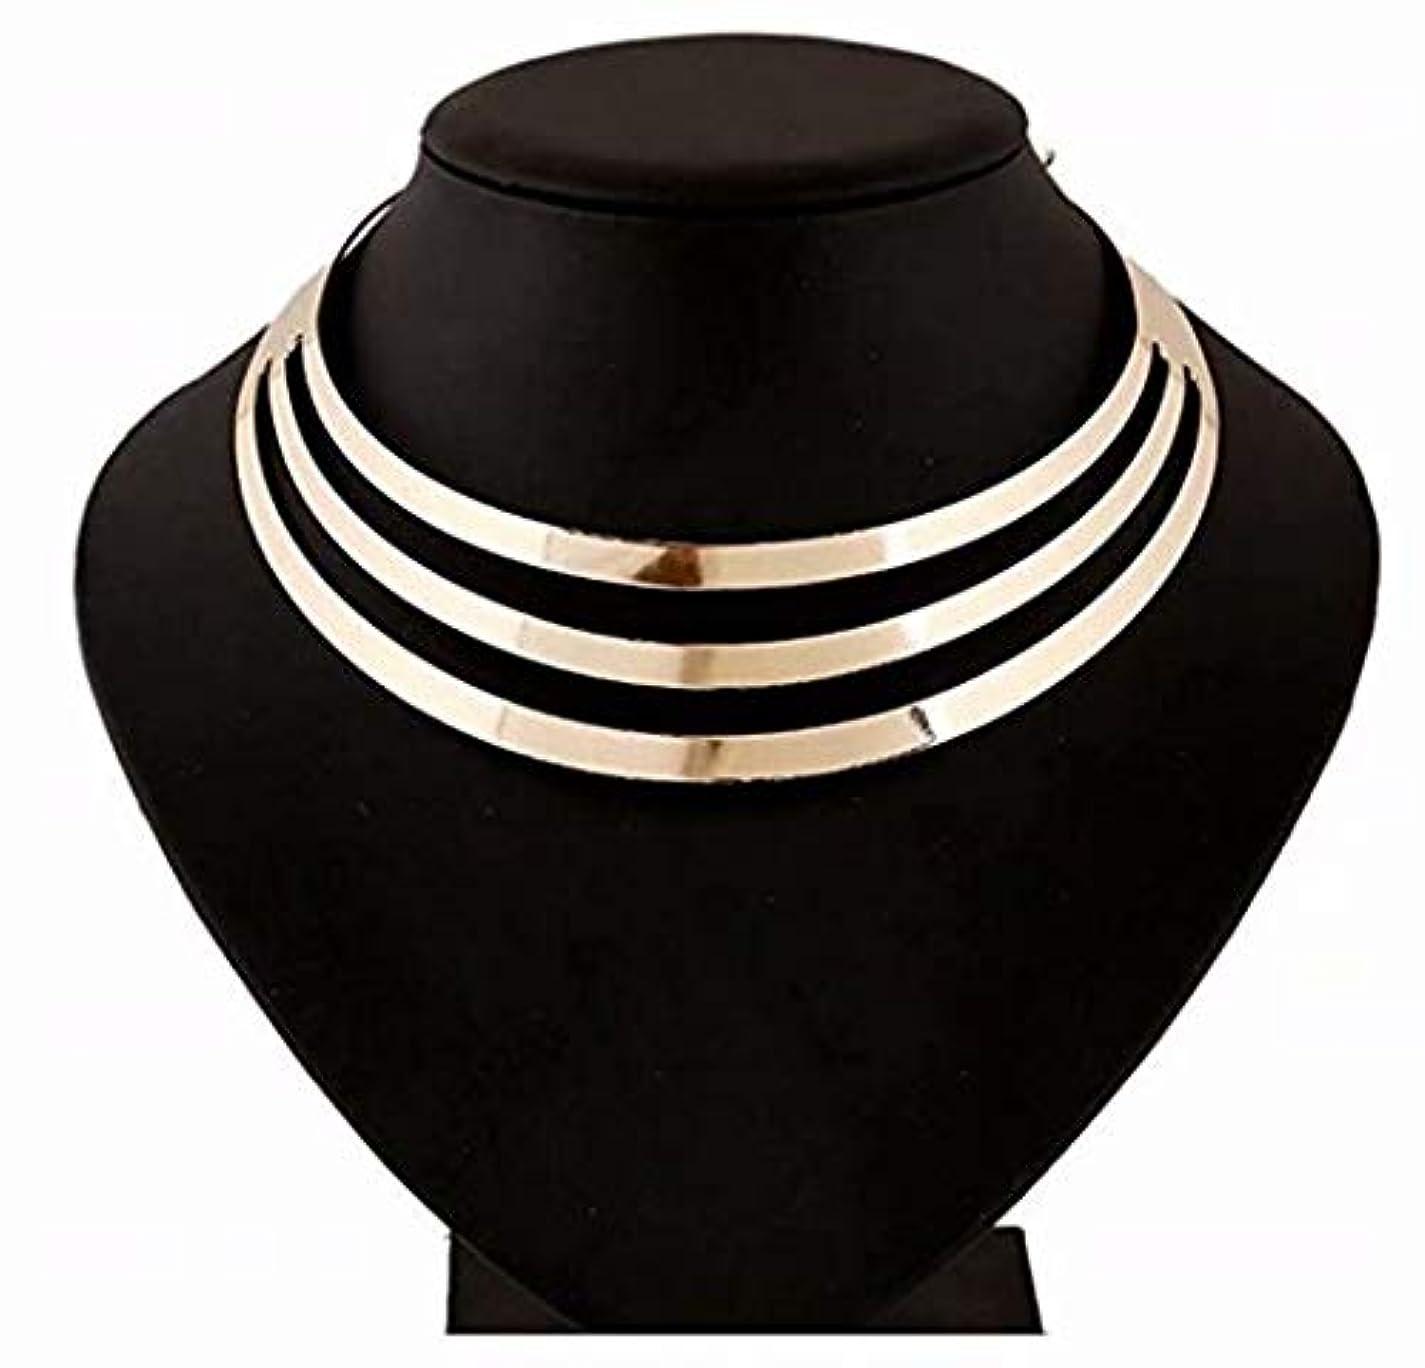 酸化物頑固なええ七里の香 ペンダントネックレス 3 多層半円のペンダント 亜鉛合金チェーンネックレス ファッション 女性 -ゴールド